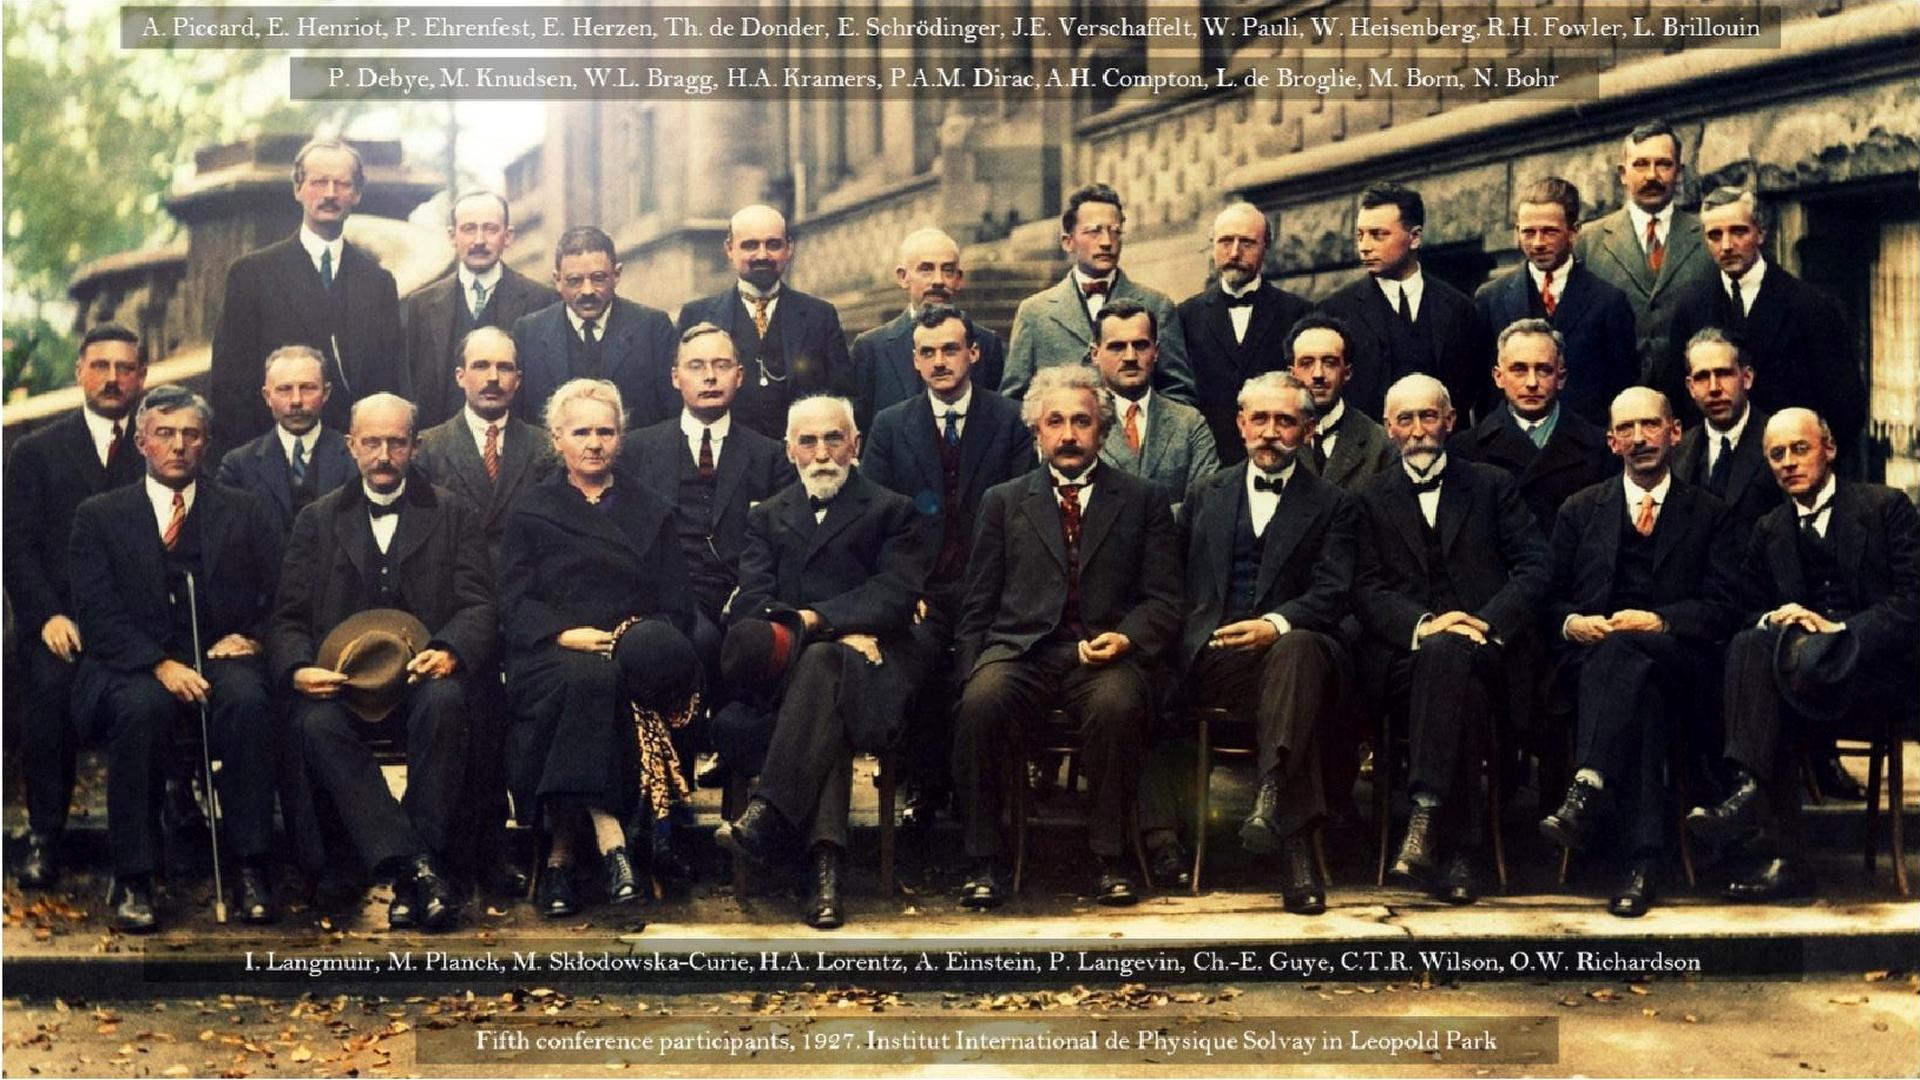 Основные участники научной революции в физике начала XX века на 5-м Сольвеевском конгрессе в Брюсселе (1927), среди которых 17 лауреатов Нобелевской премии. Стоят Эрвин Шрёдингер (шестой справа) и Вернер Гейзенберг (третий справа)